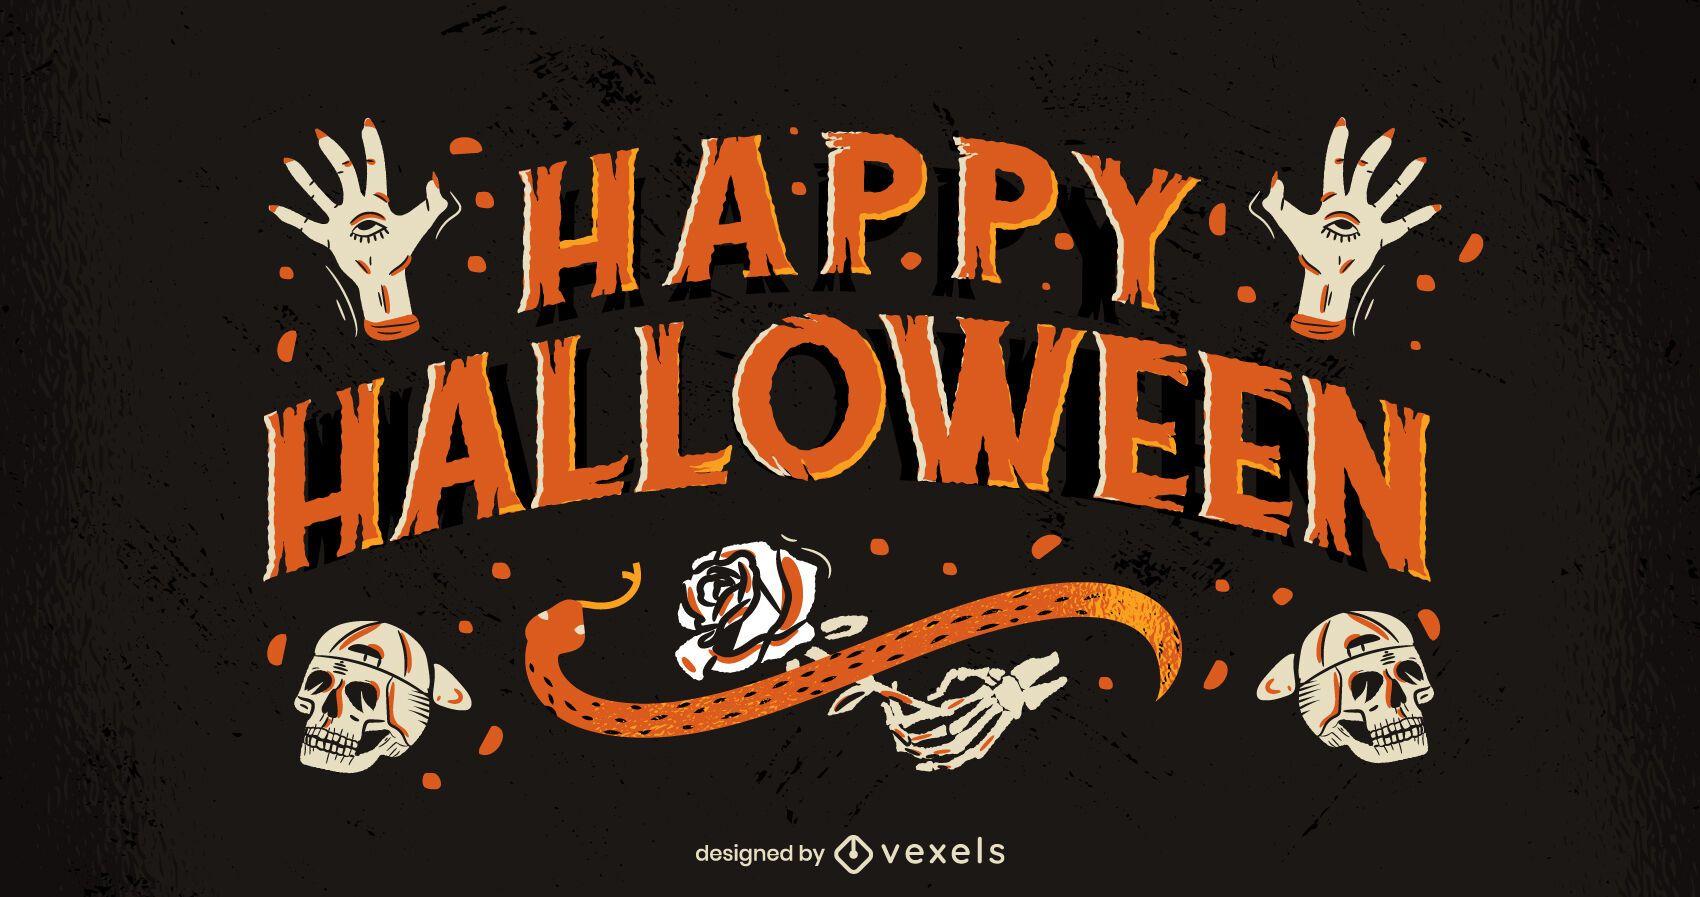 Dise?o de letras feliz halloween aterrador